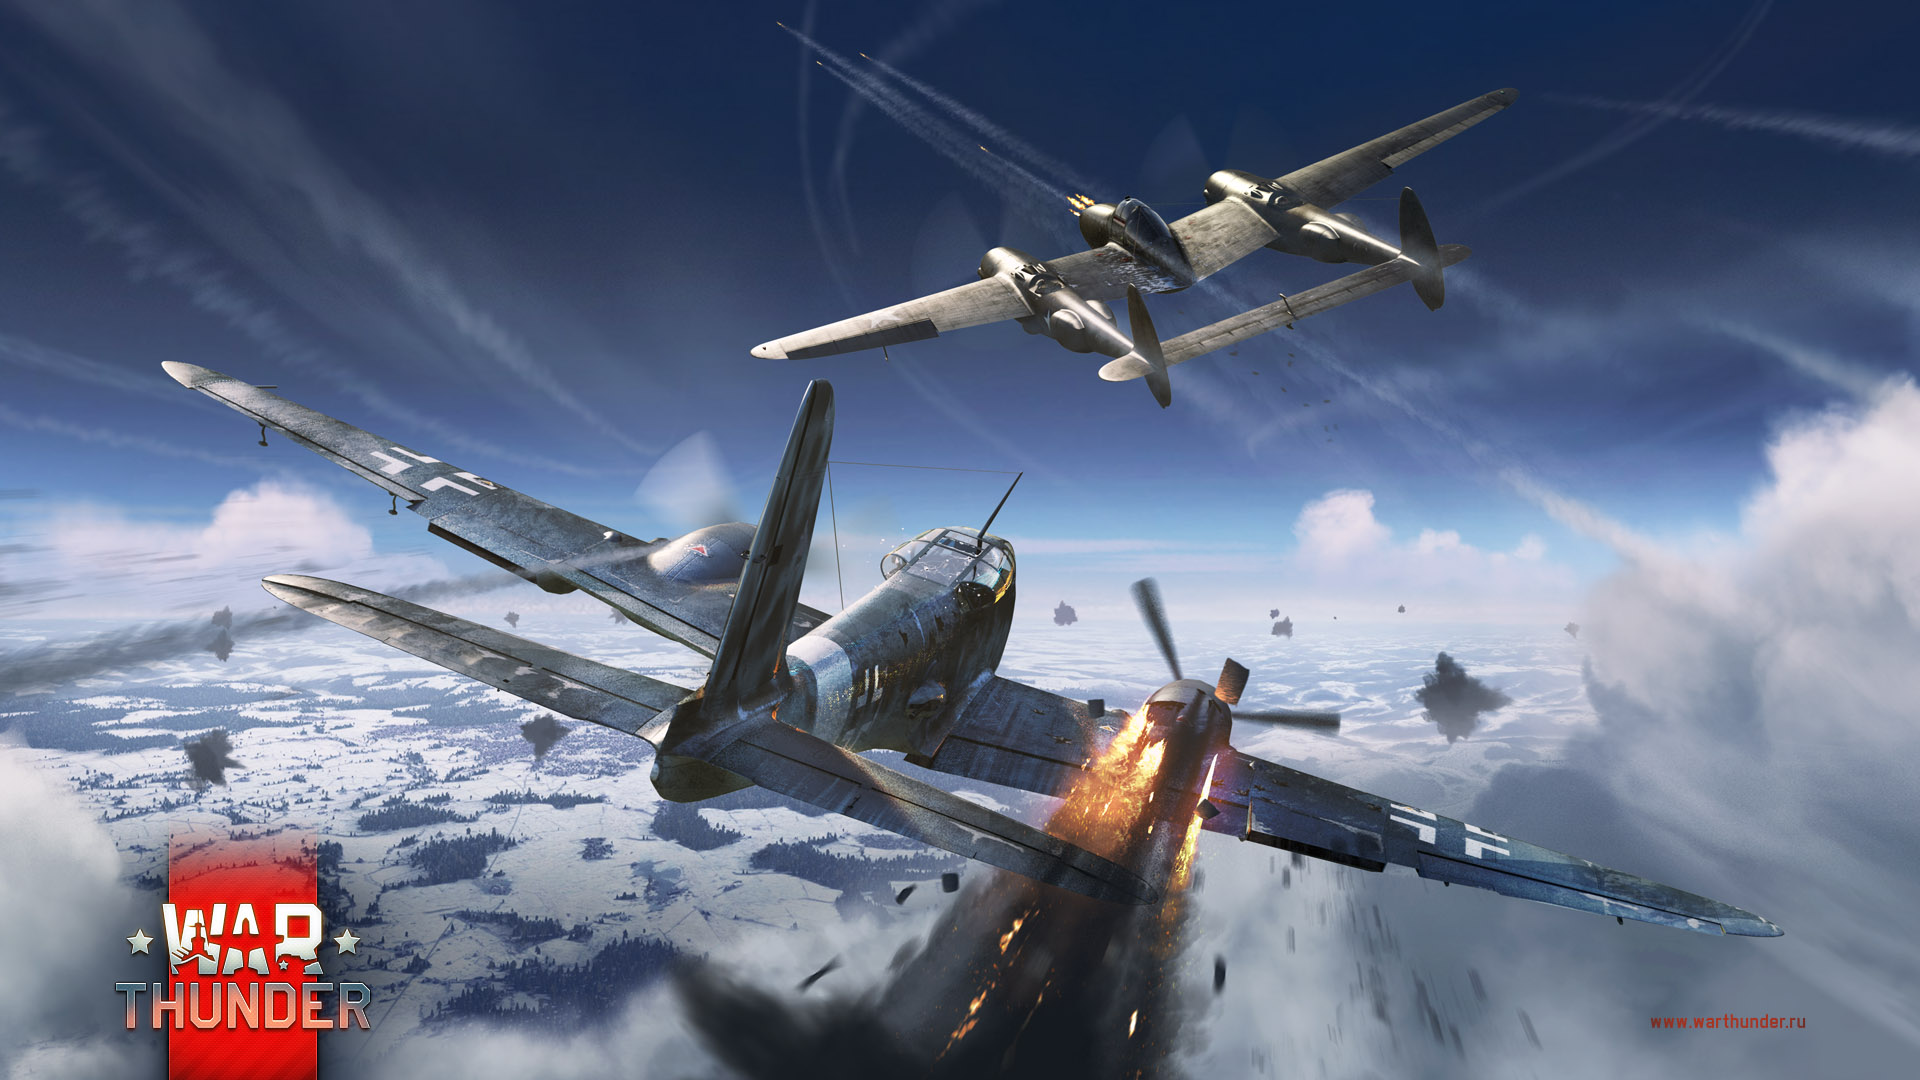 Обои Ме-410, war thunder, Самолёт, истребитель, война, Облака. Игры foto 11